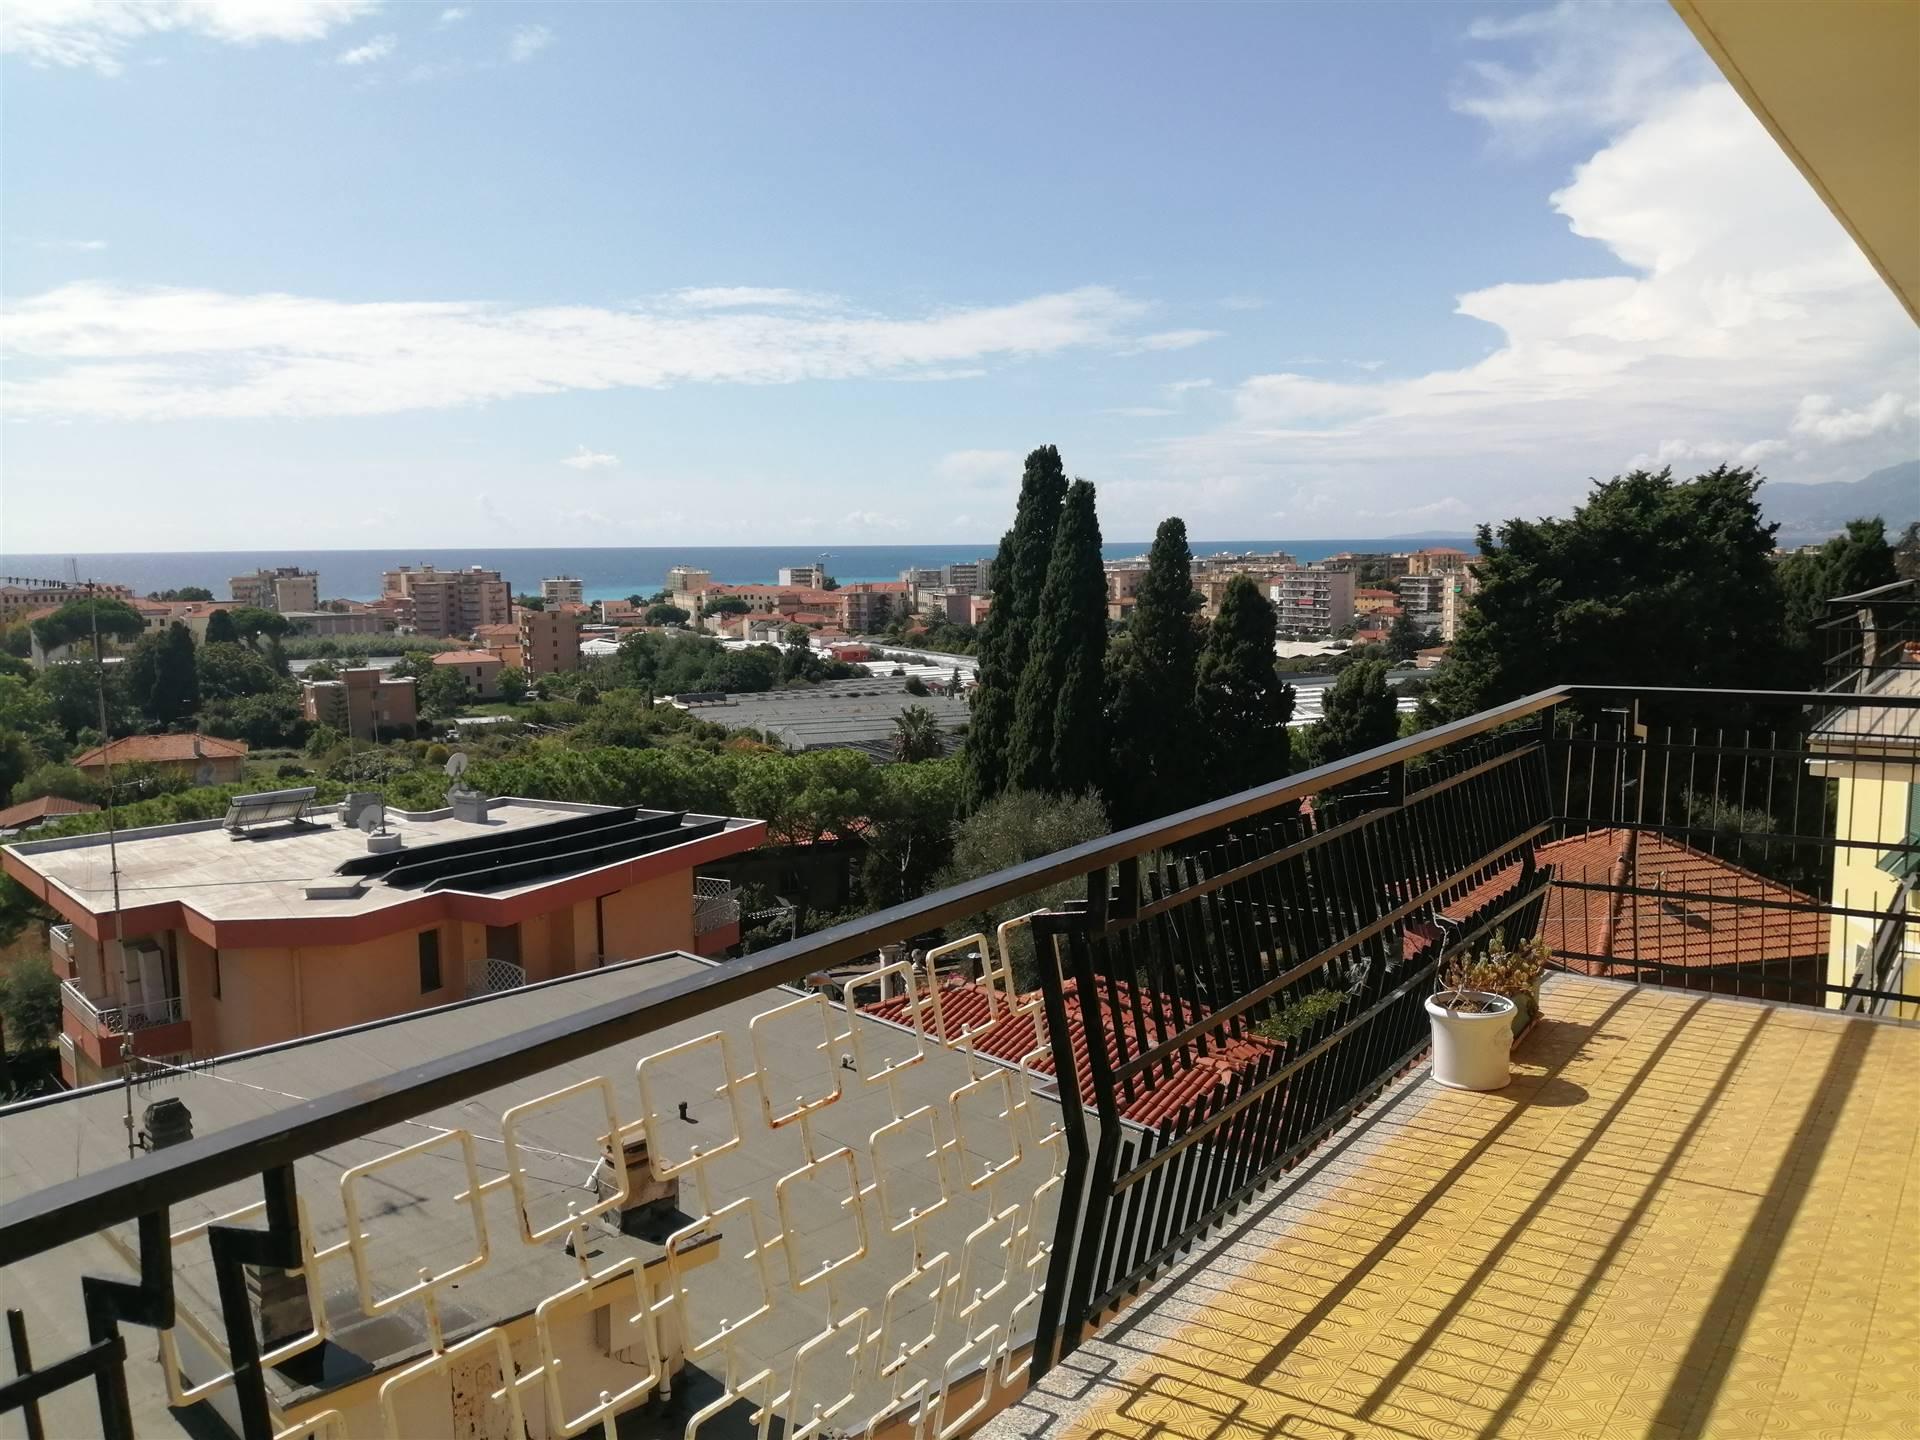 Attico / Mansarda in vendita a Vallecrosia, 5 locali, prezzo € 500.000 | CambioCasa.it